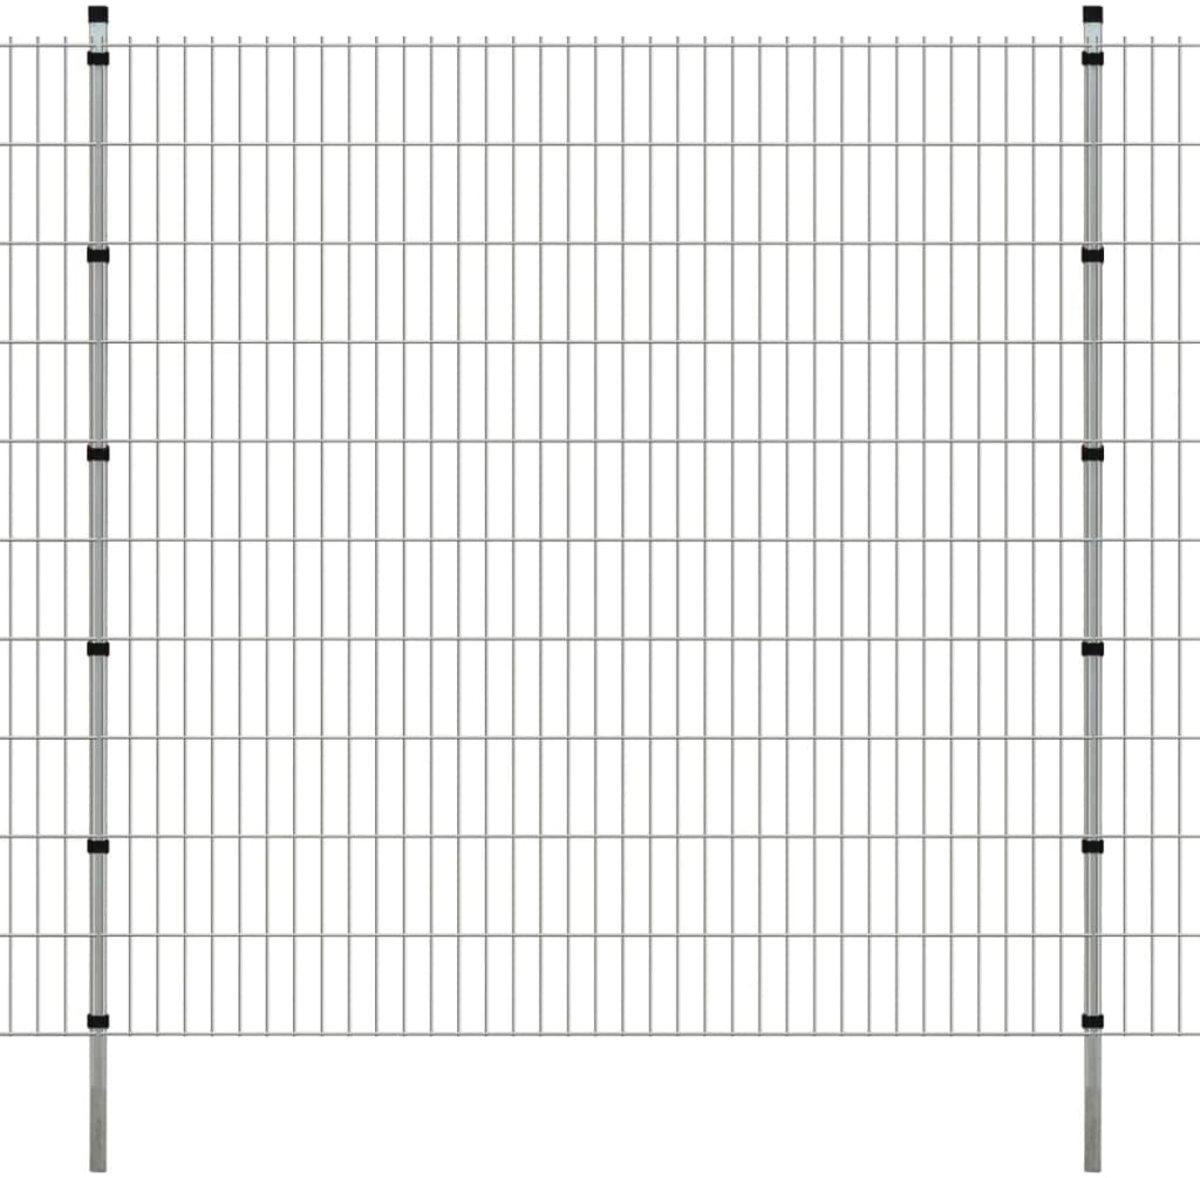 vidaXL Dubbelstaafmat 2008 x 2030 mm 2 m zilver 1 stuks kopen